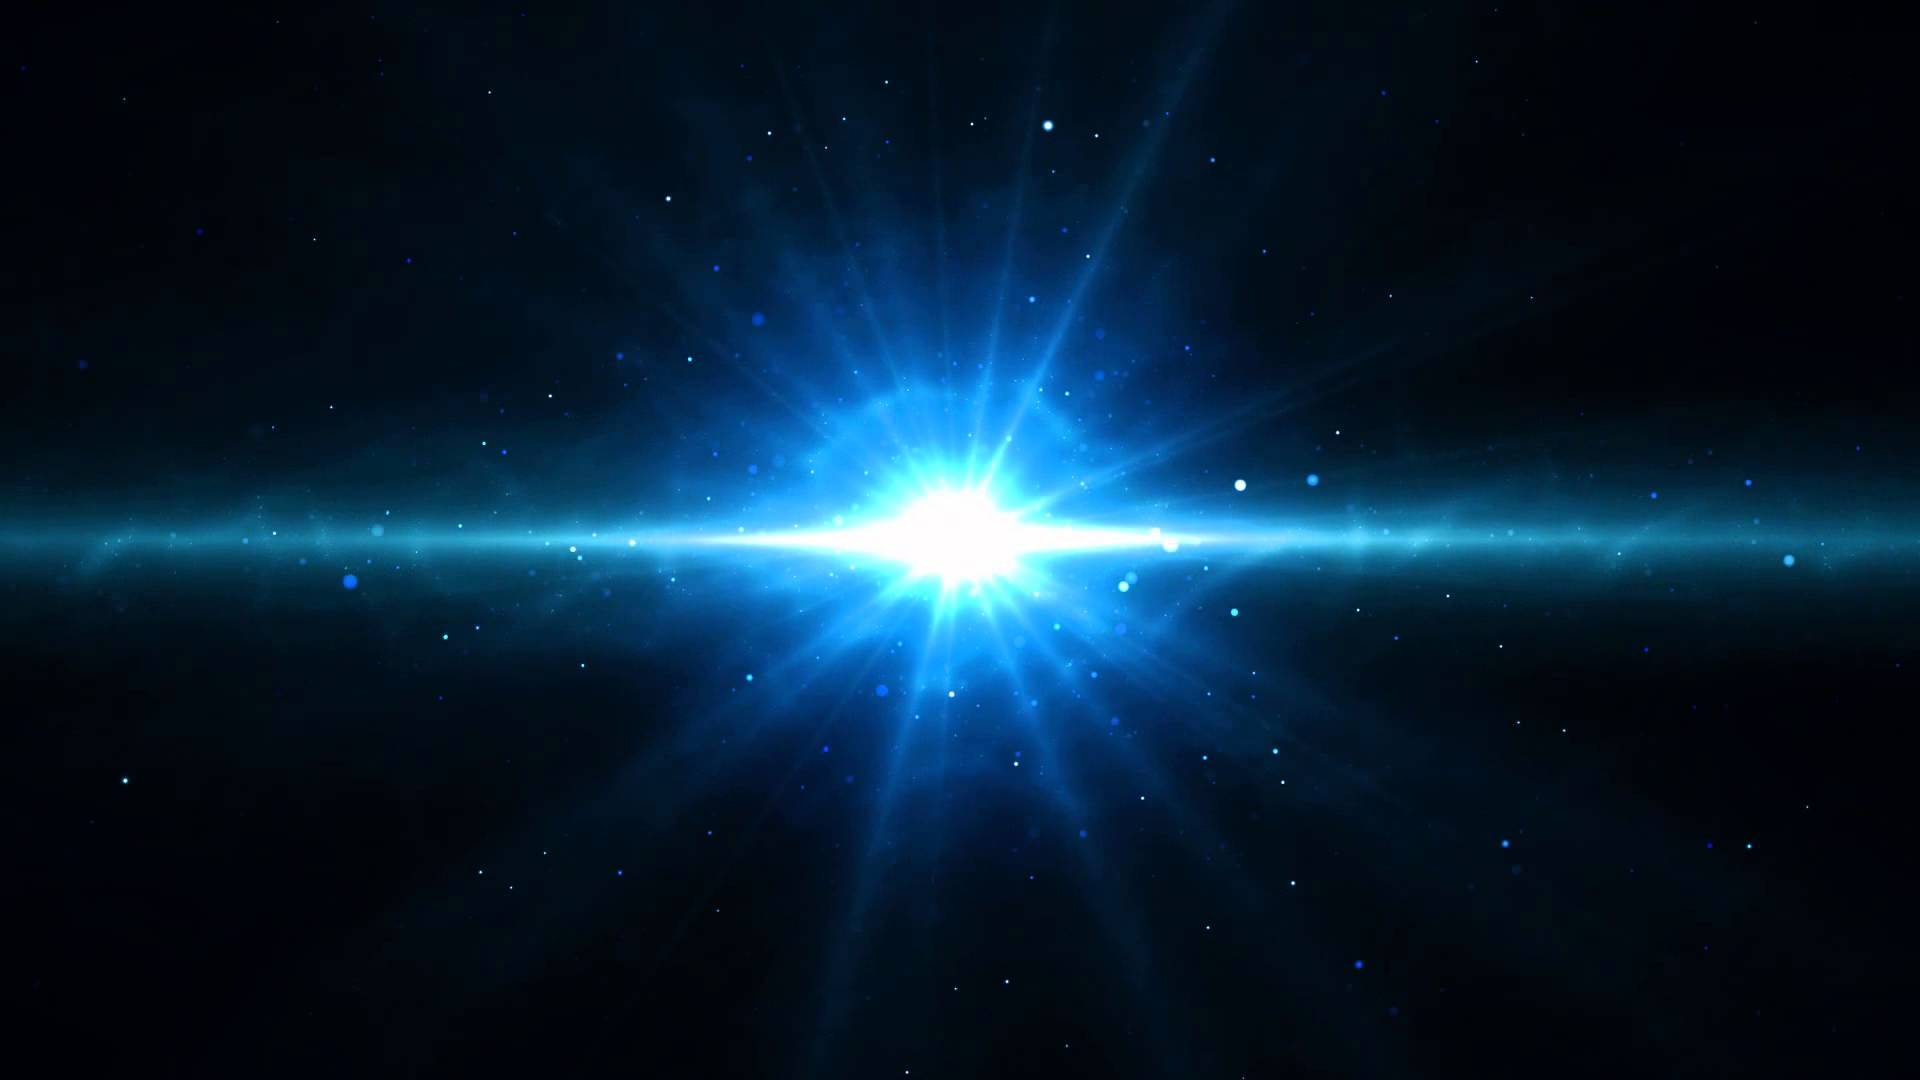 Big Bang Explosion Wallpapers Top Free Big Bang Explosion Backgrounds Wallpaperaccess